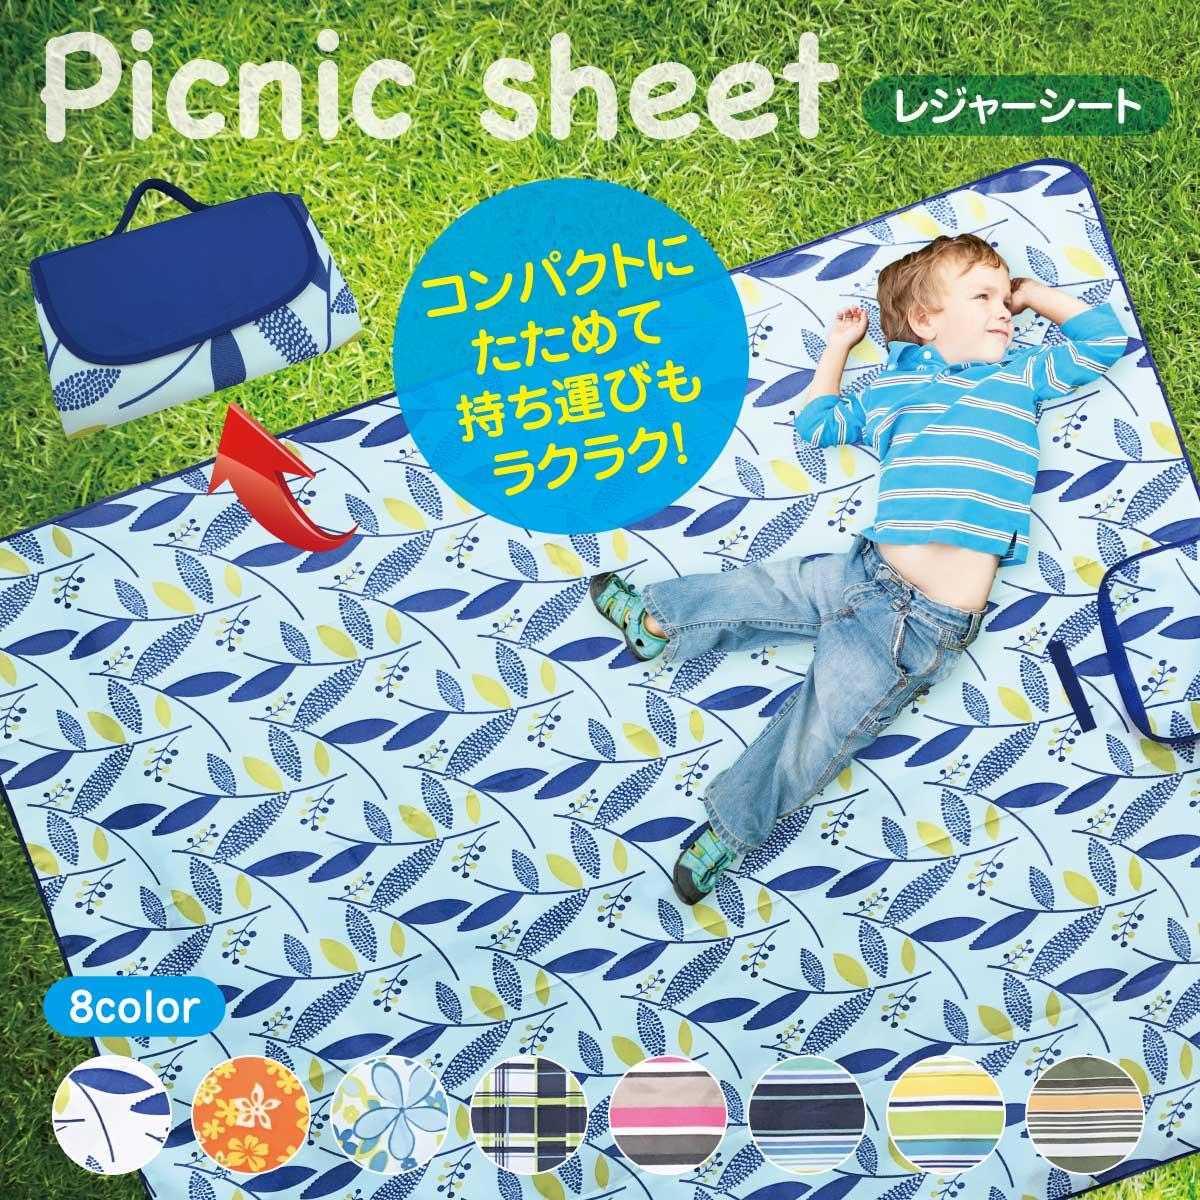 レジャーシート 大きい 折りたたみ 8色 洗える 防水 運動会 遠足 バック型 おしゃれ アウトドア ピクニック 海 夏休み かわいい l-sheet01